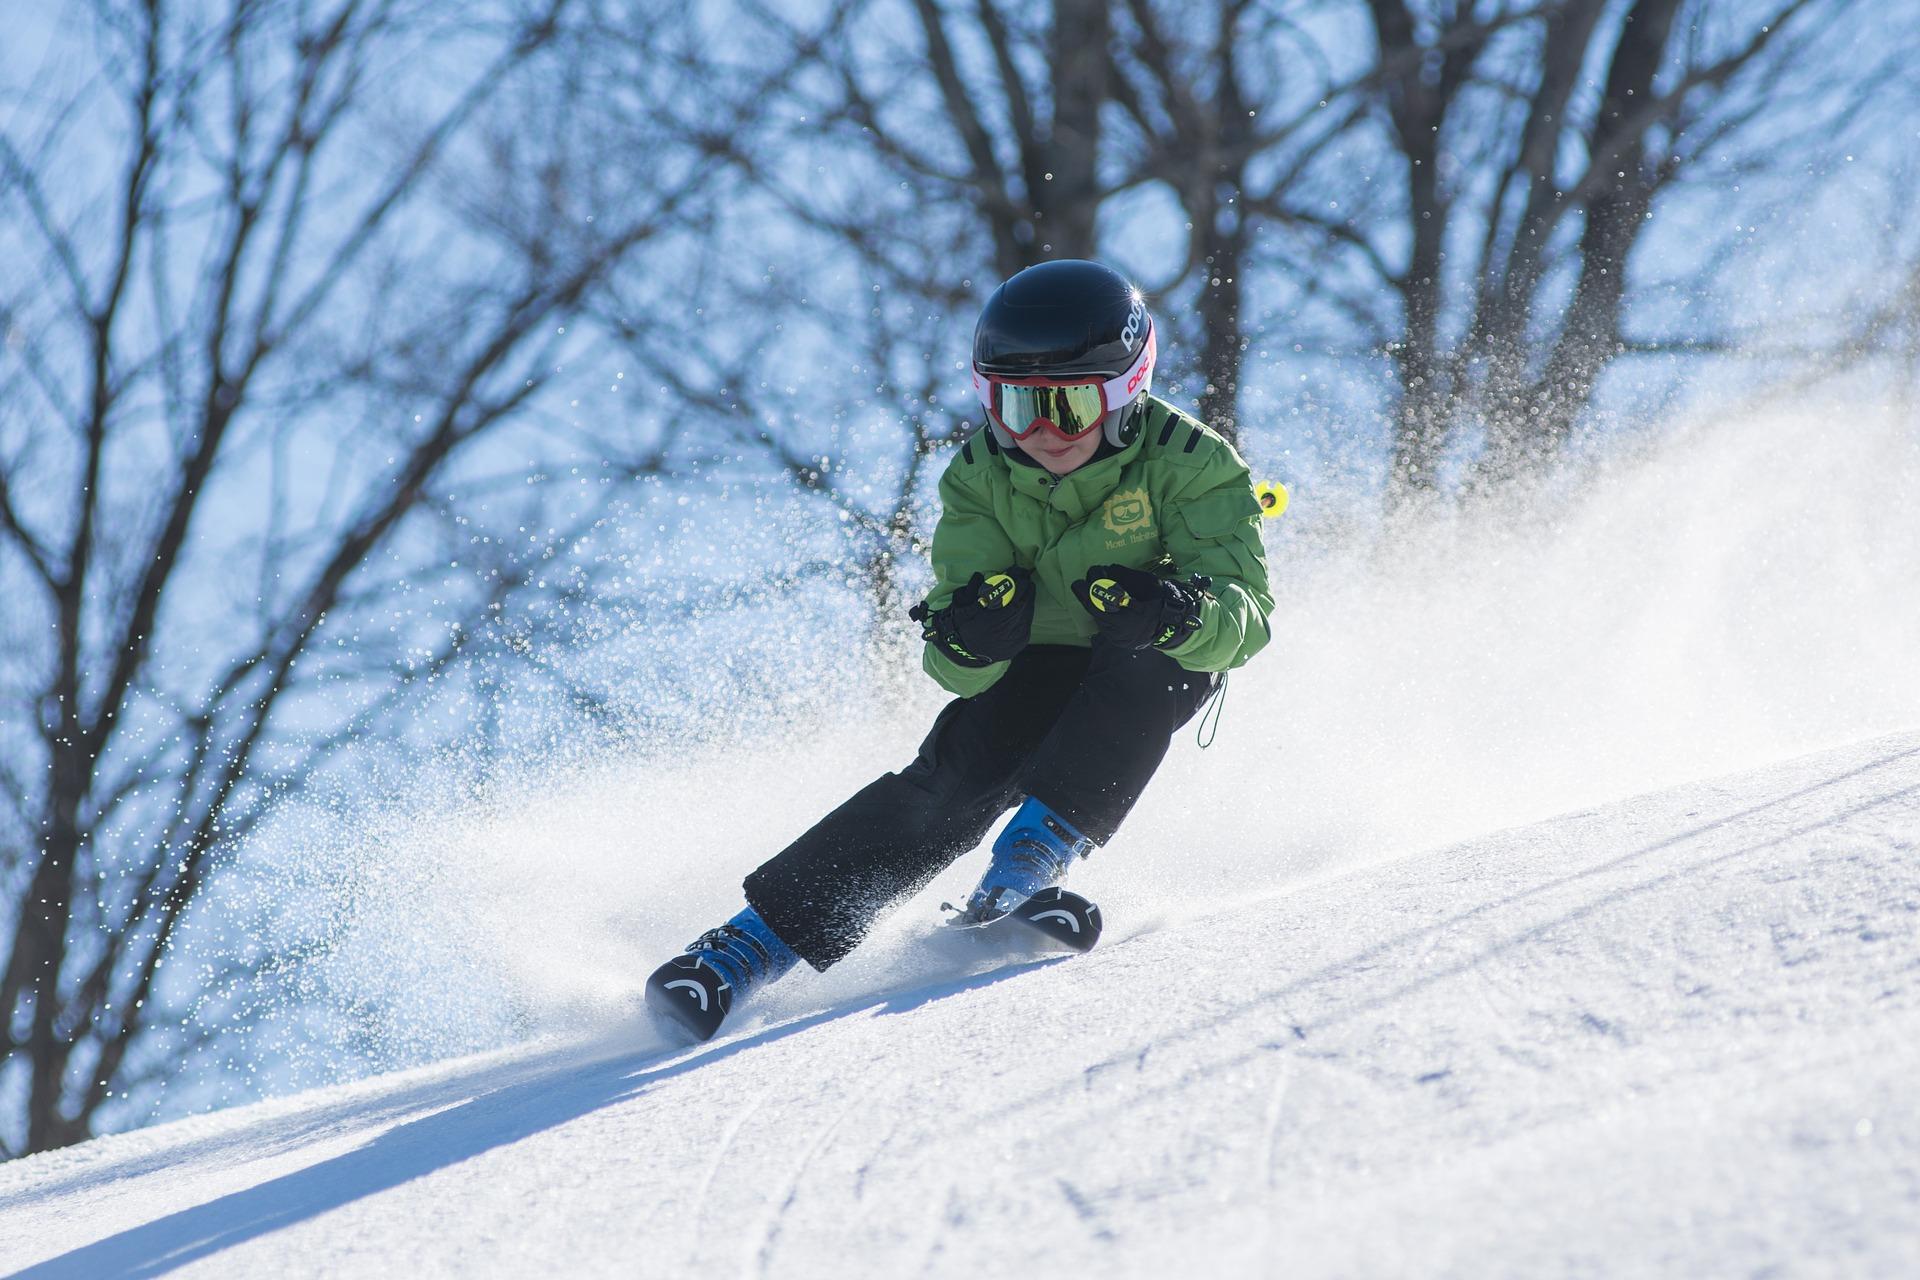 radost z lyžování